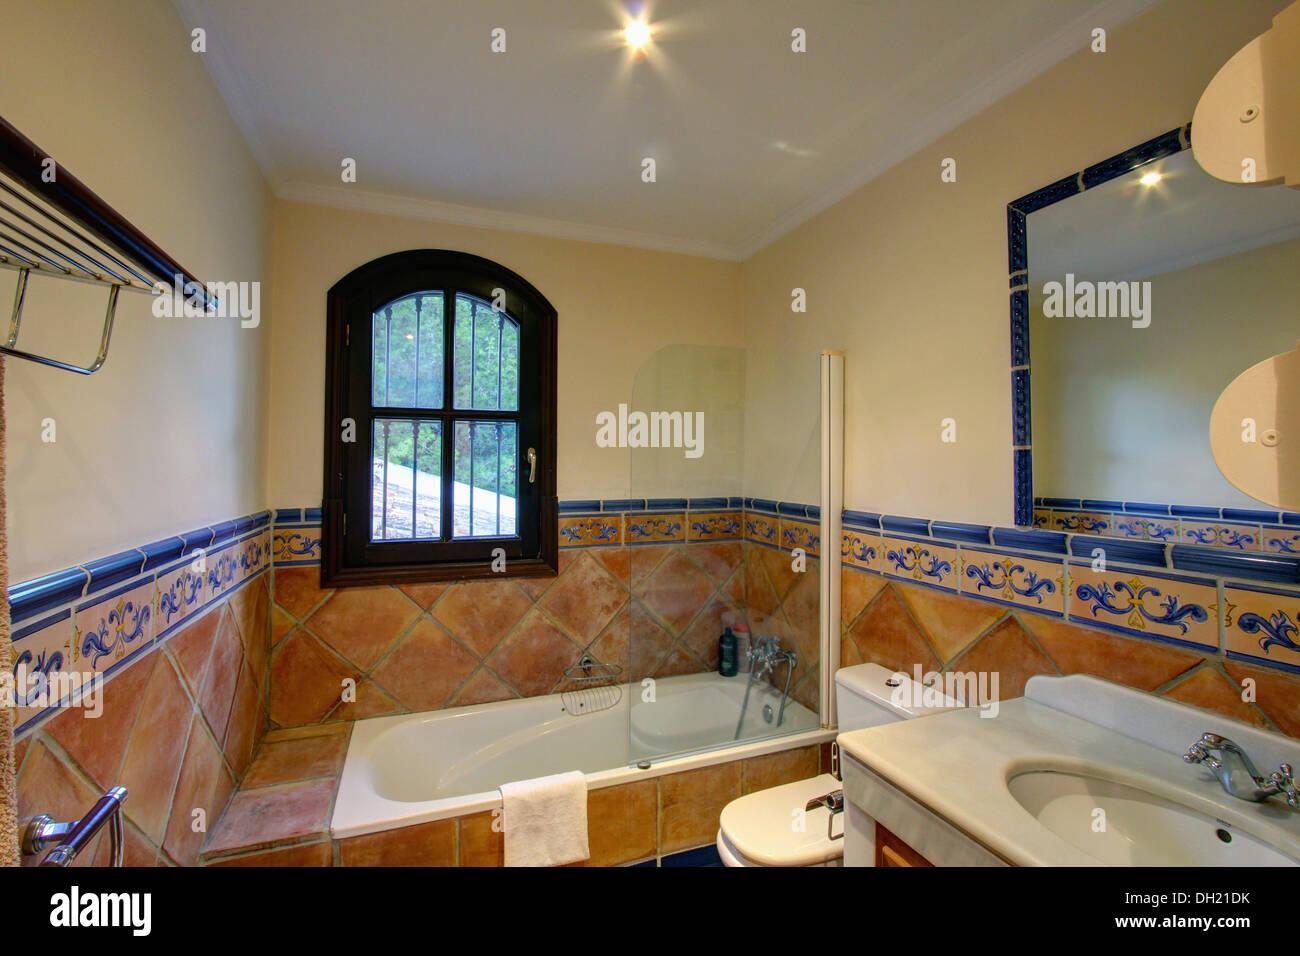 Finestra sopra il bagno in spagnolo con bagno tradizionale parete in